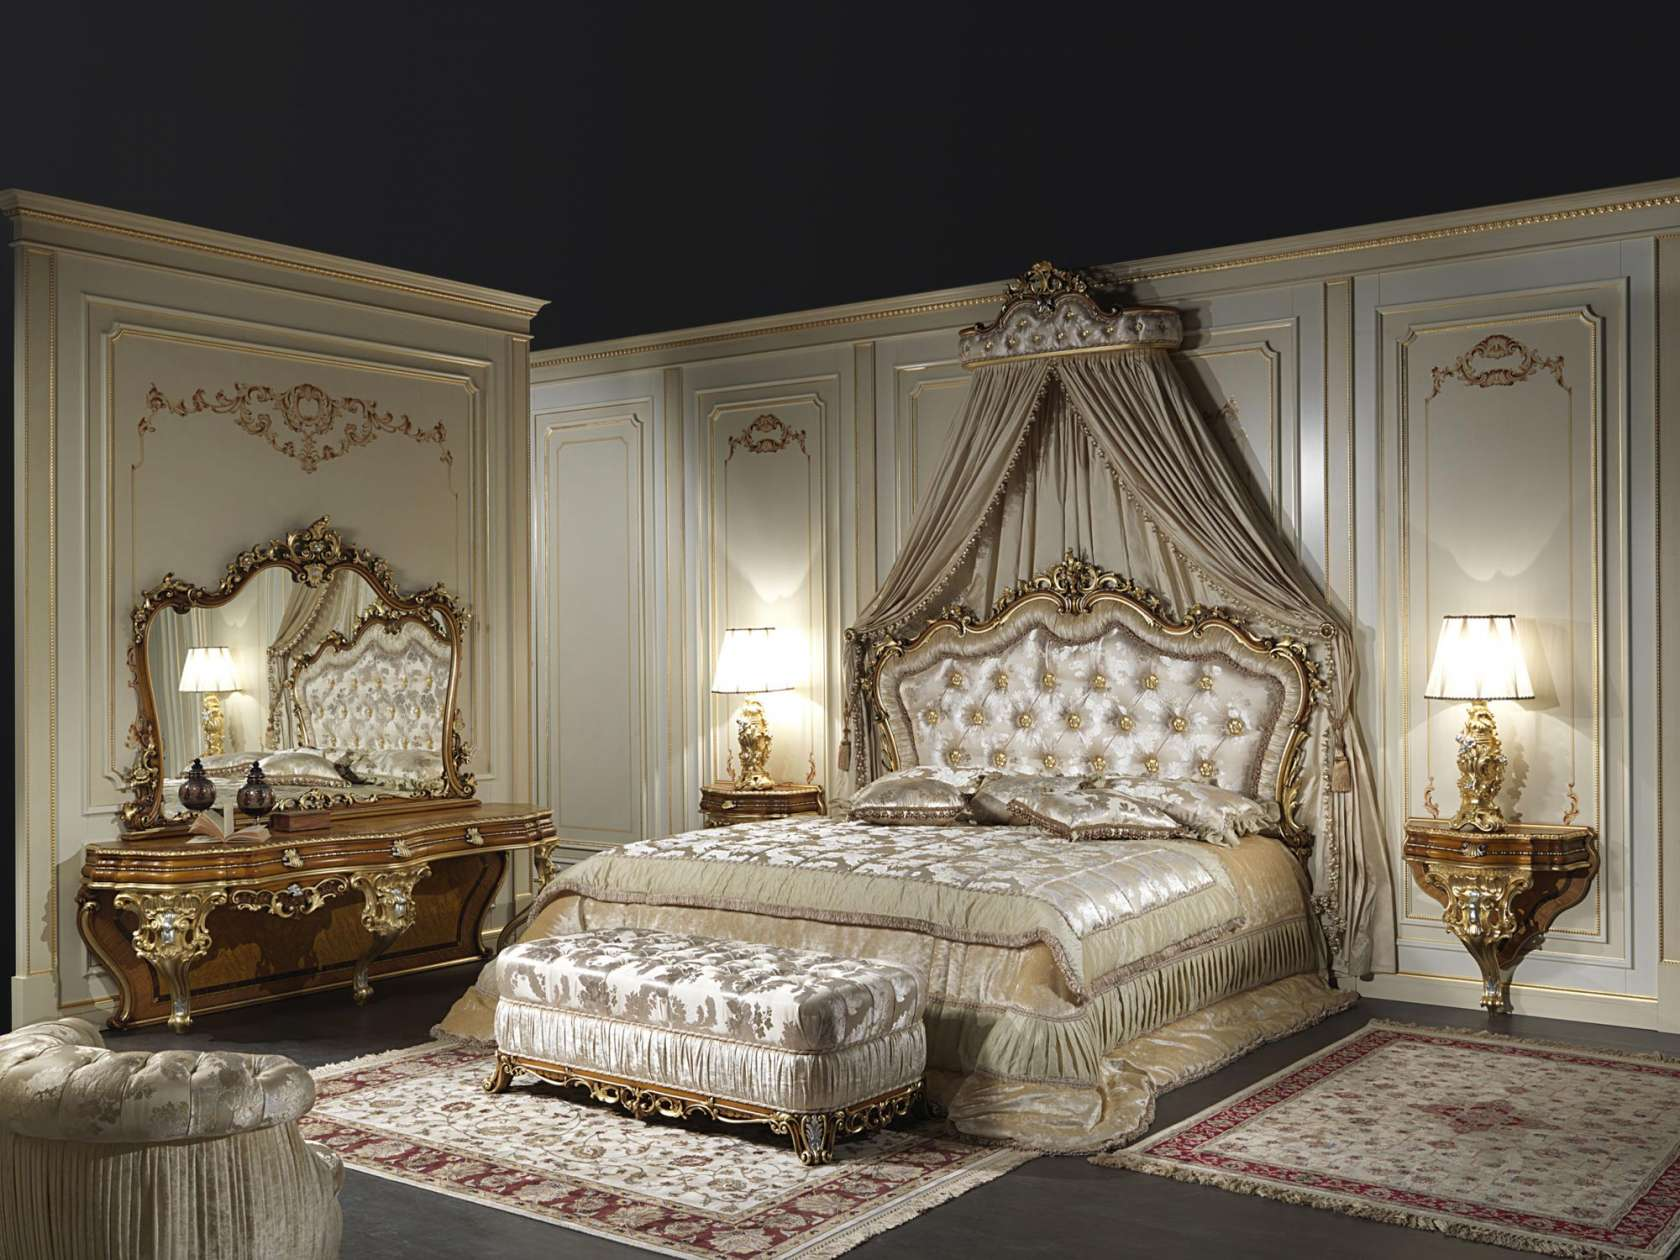 Letto matrimoniale classico in stile barocco art. 2013 | Vimercati ...